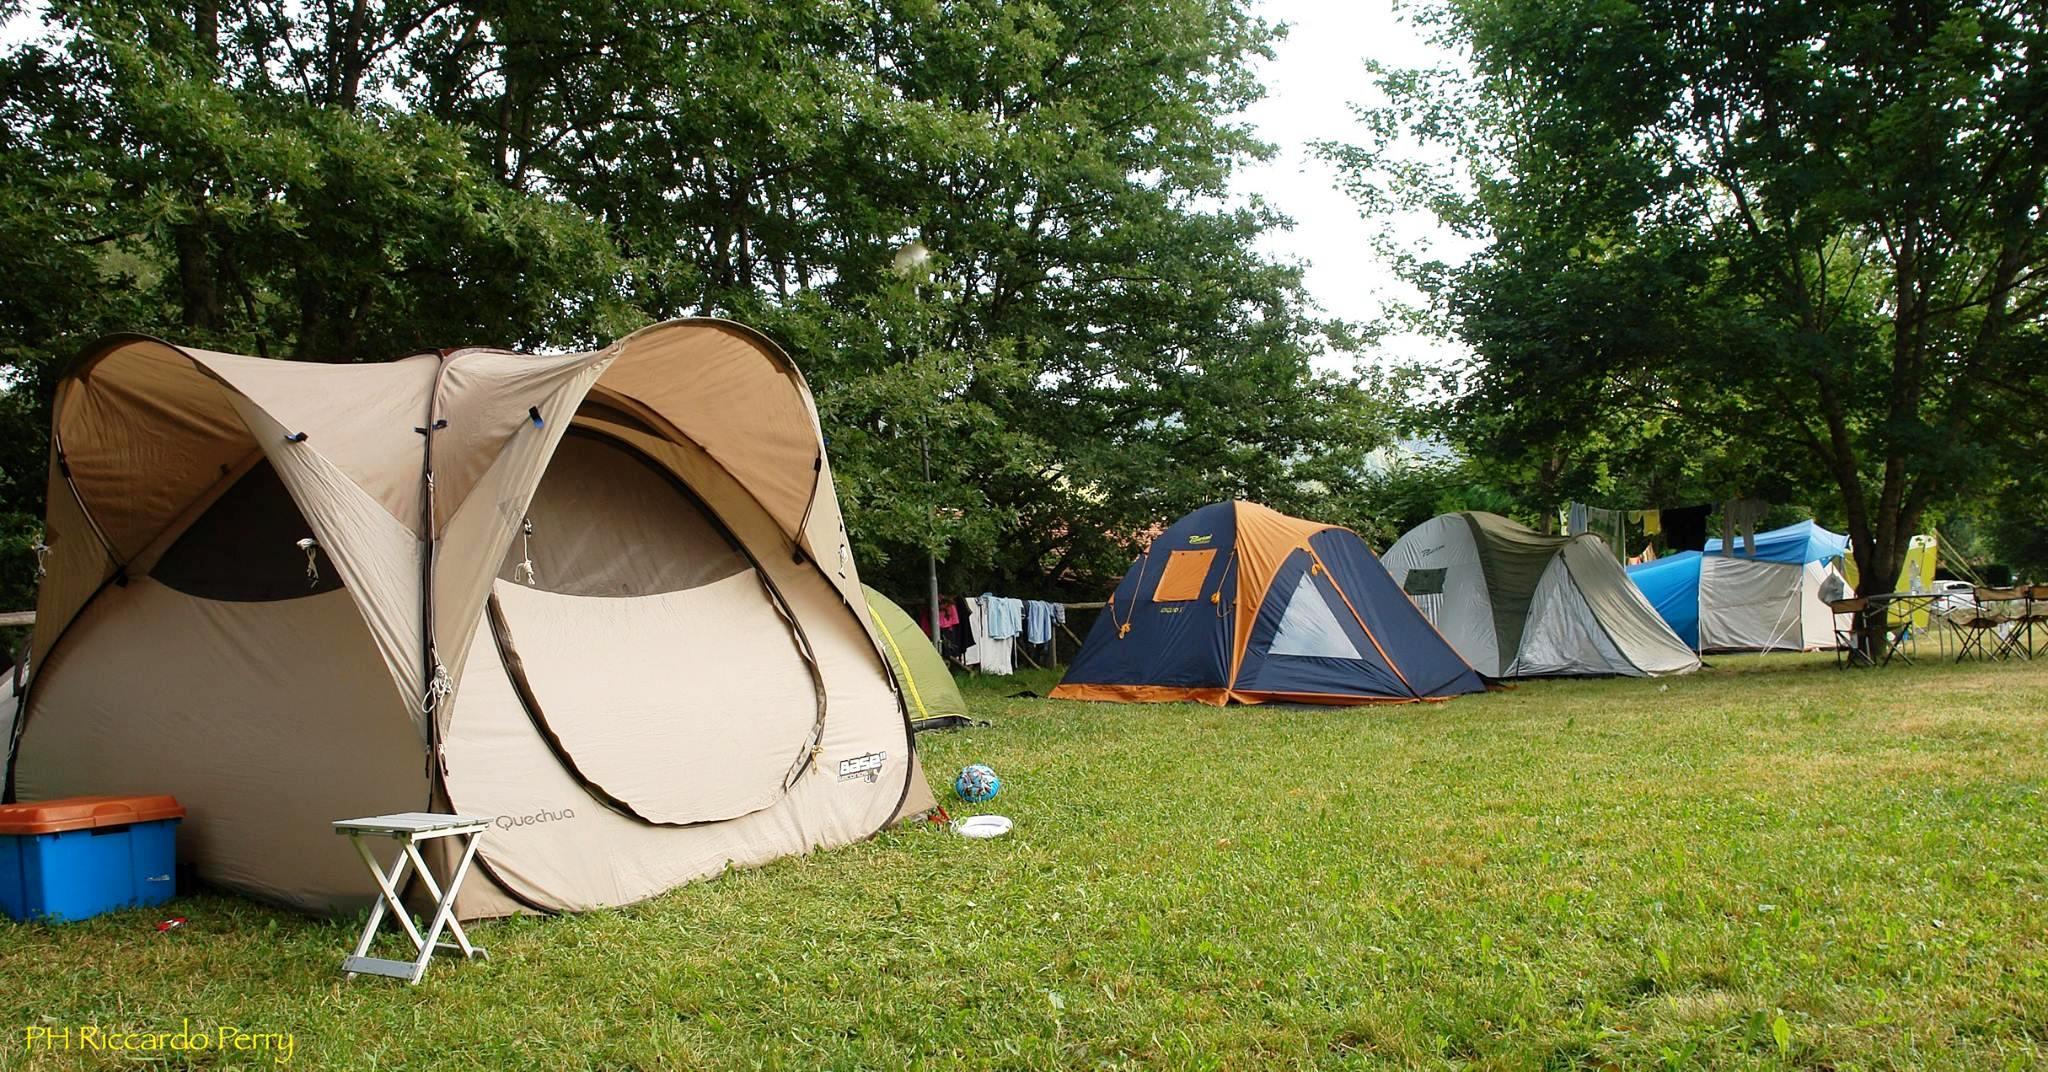 Piazzole tende e camper